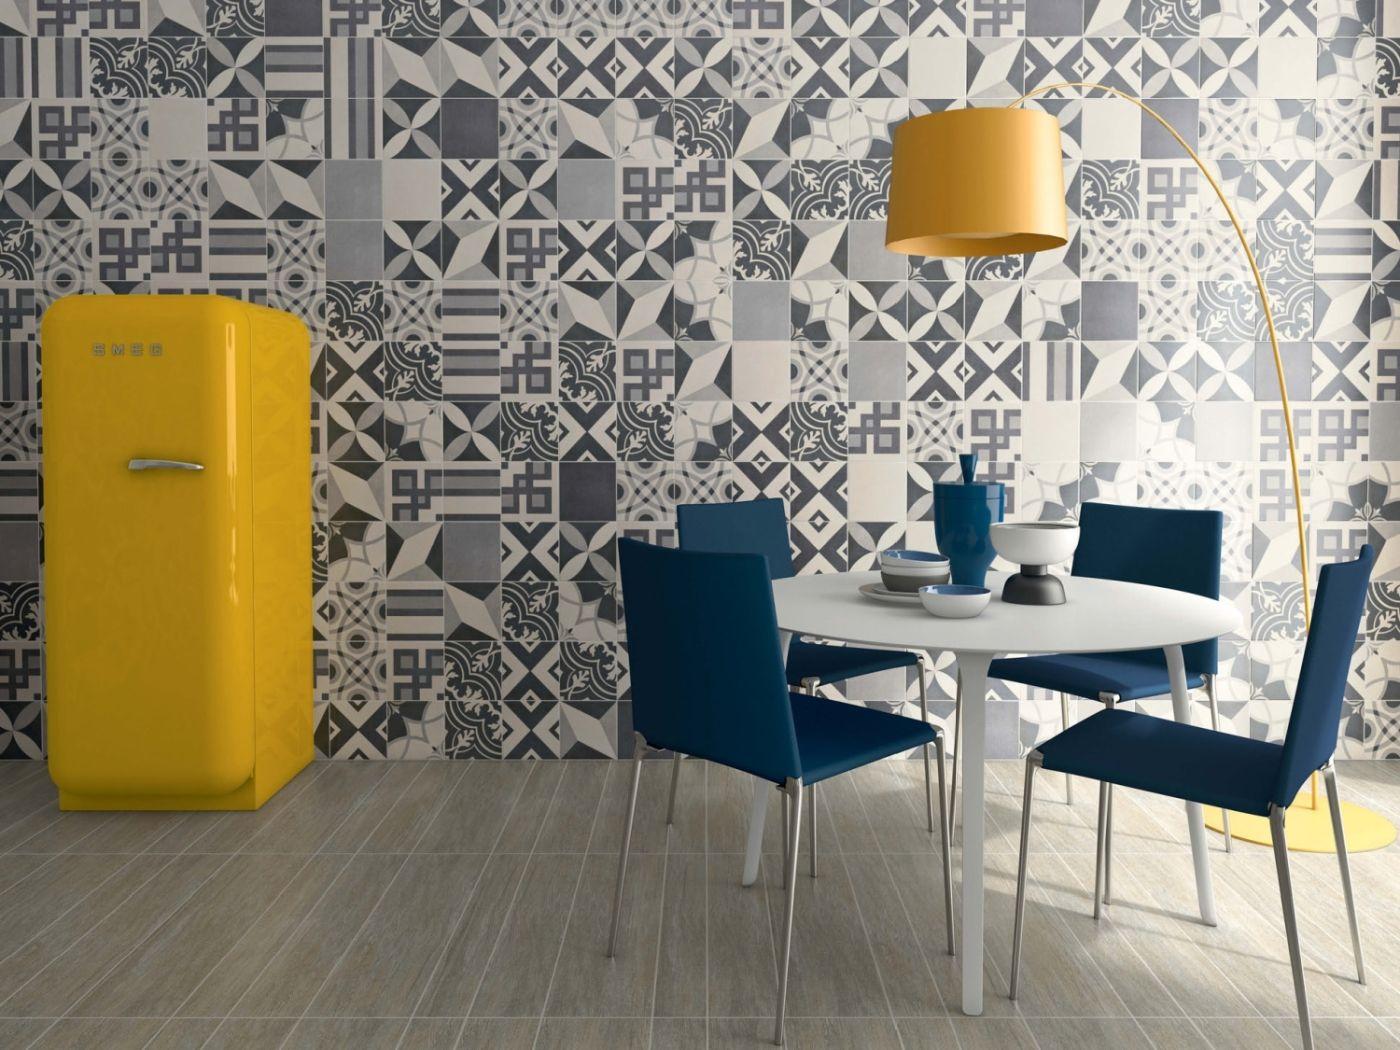 carrelage imitation anciens carreaux de ciment d cor formes g om triques 60x60 cm ideas for. Black Bedroom Furniture Sets. Home Design Ideas